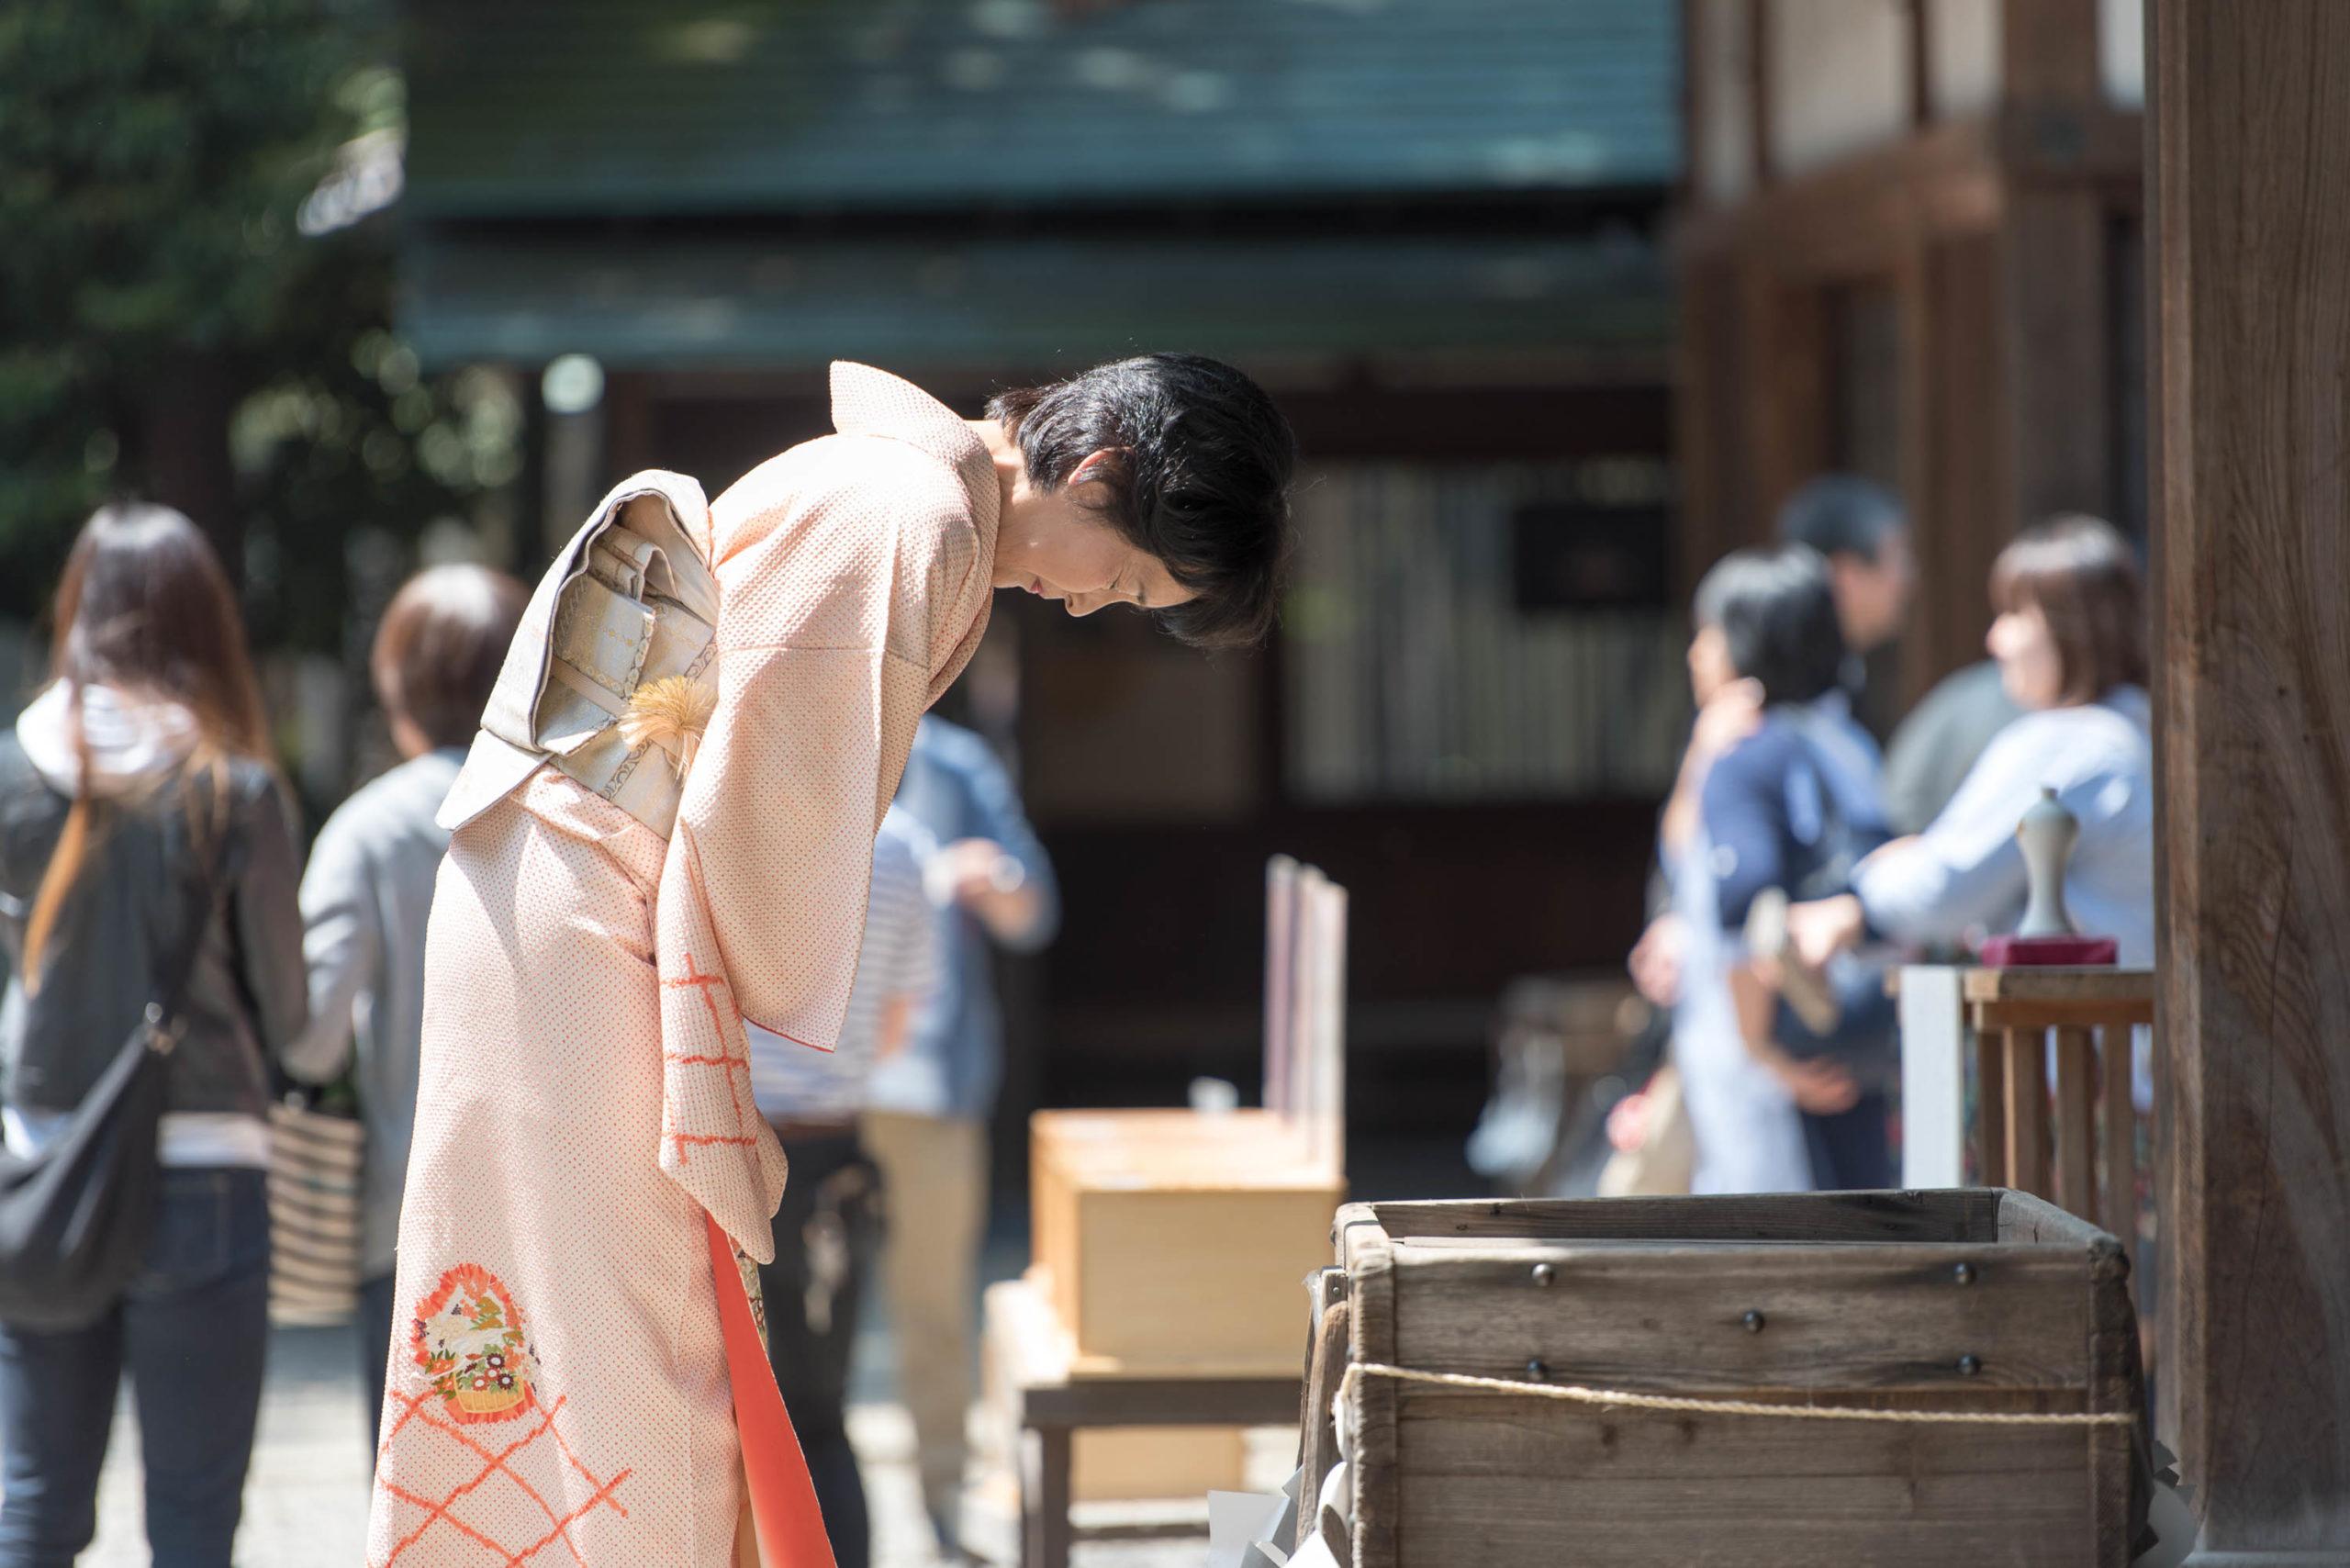 神社本殿の前で一礼するピンク色の着物を着た女性